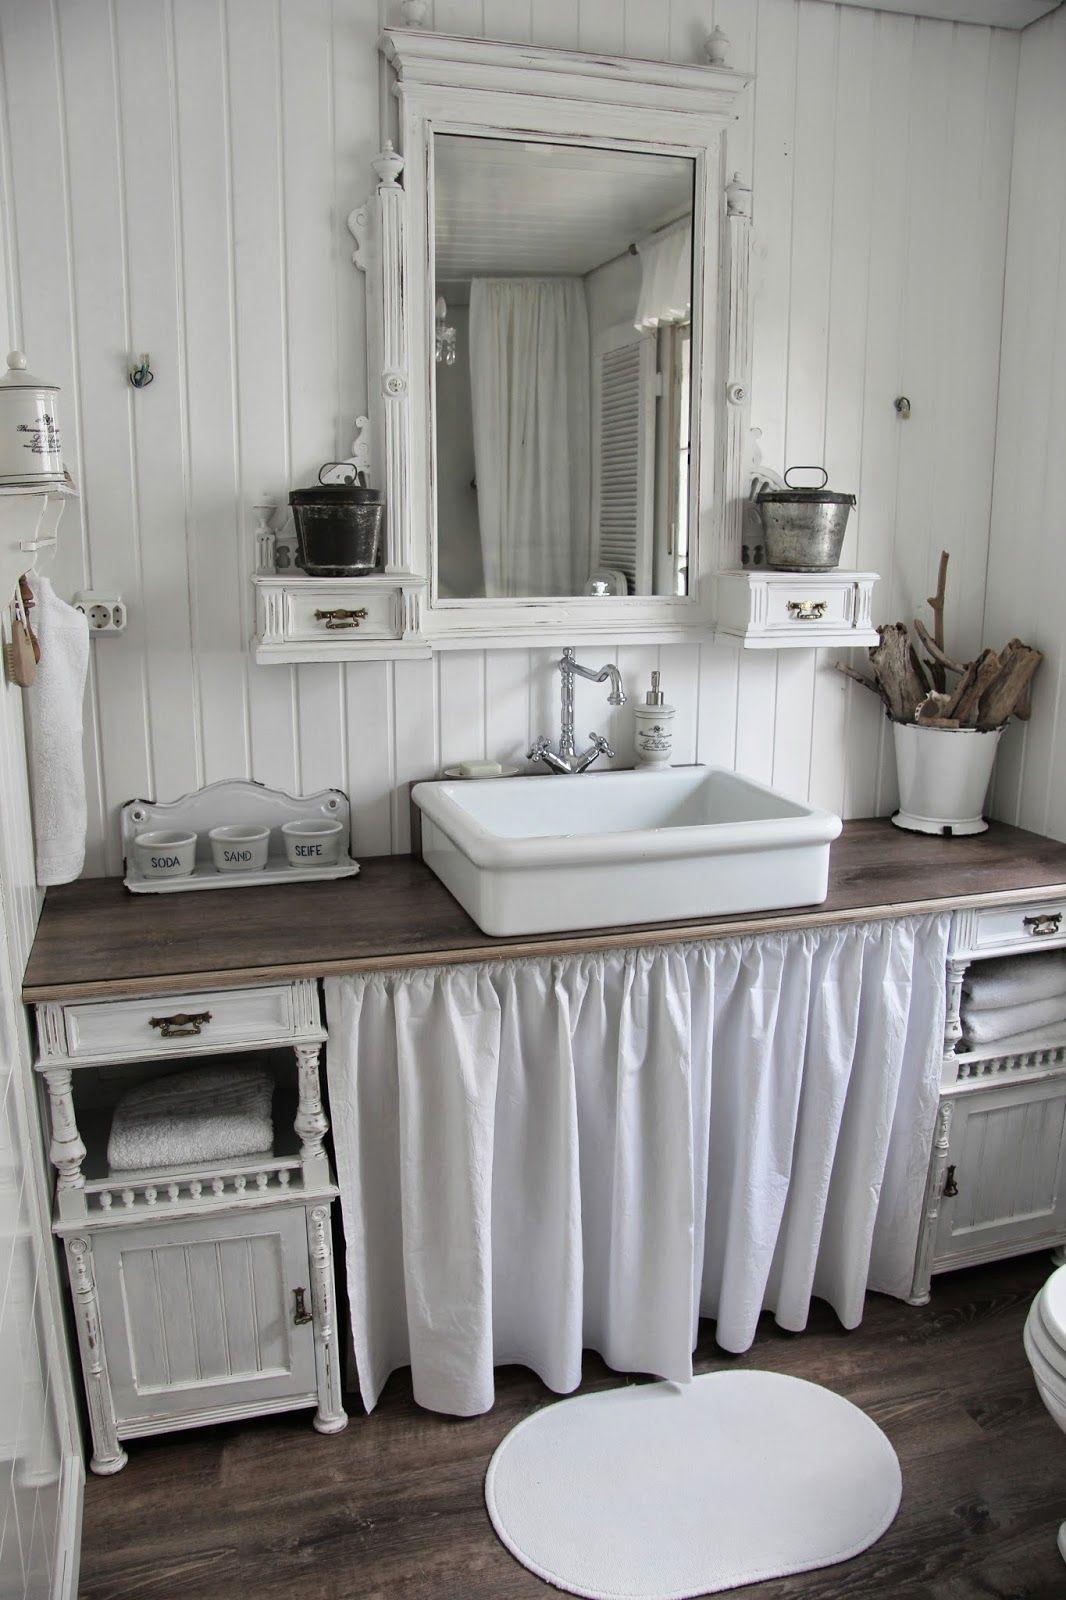 Badezimmer dekor klein pin von sibylle klein auf diy  pinterest  baños cuarto de baño